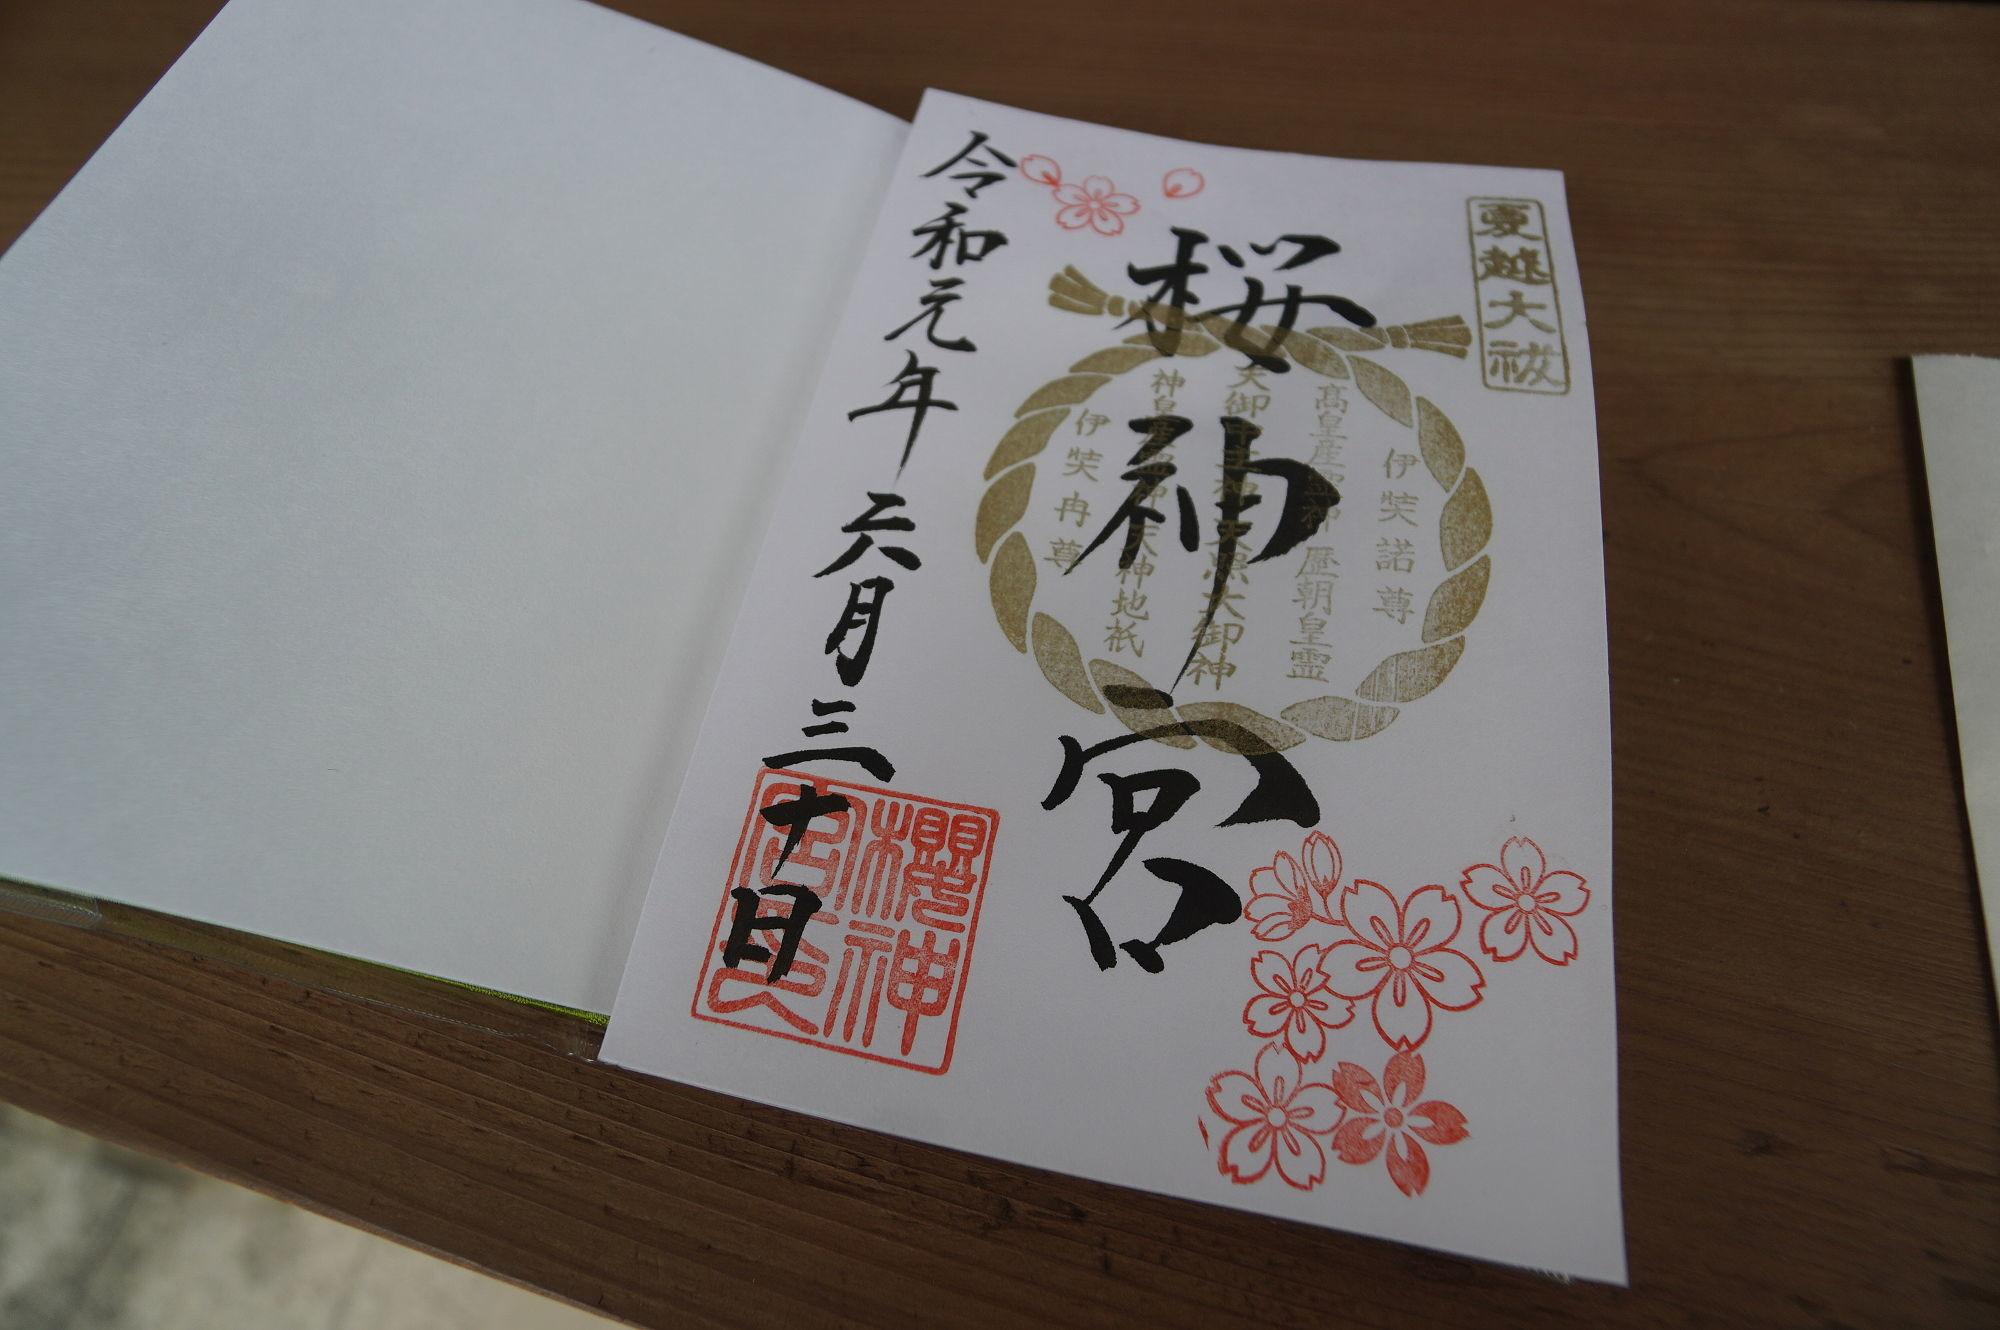 桜神宮 夏越大祓の御朱印